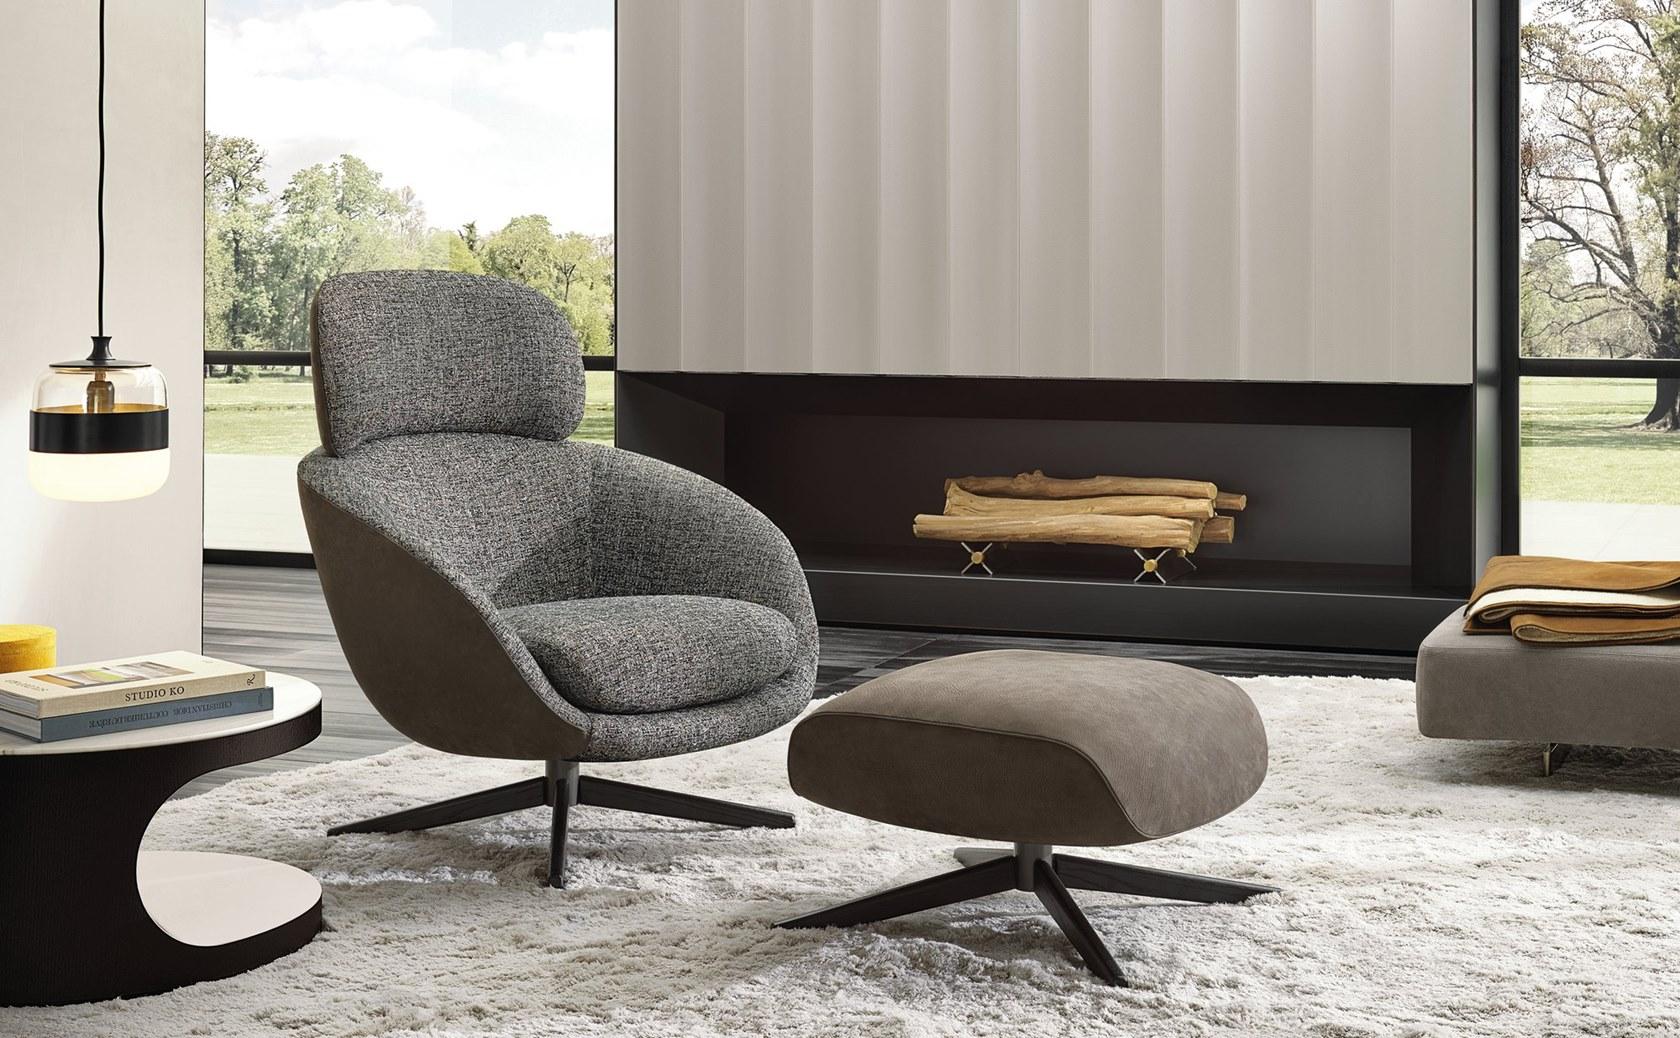 现货 意大利大牌 Minotti休闲椅 罗素沙发椅 玻璃钢海棉面料五金脚接待椅洽谈椅